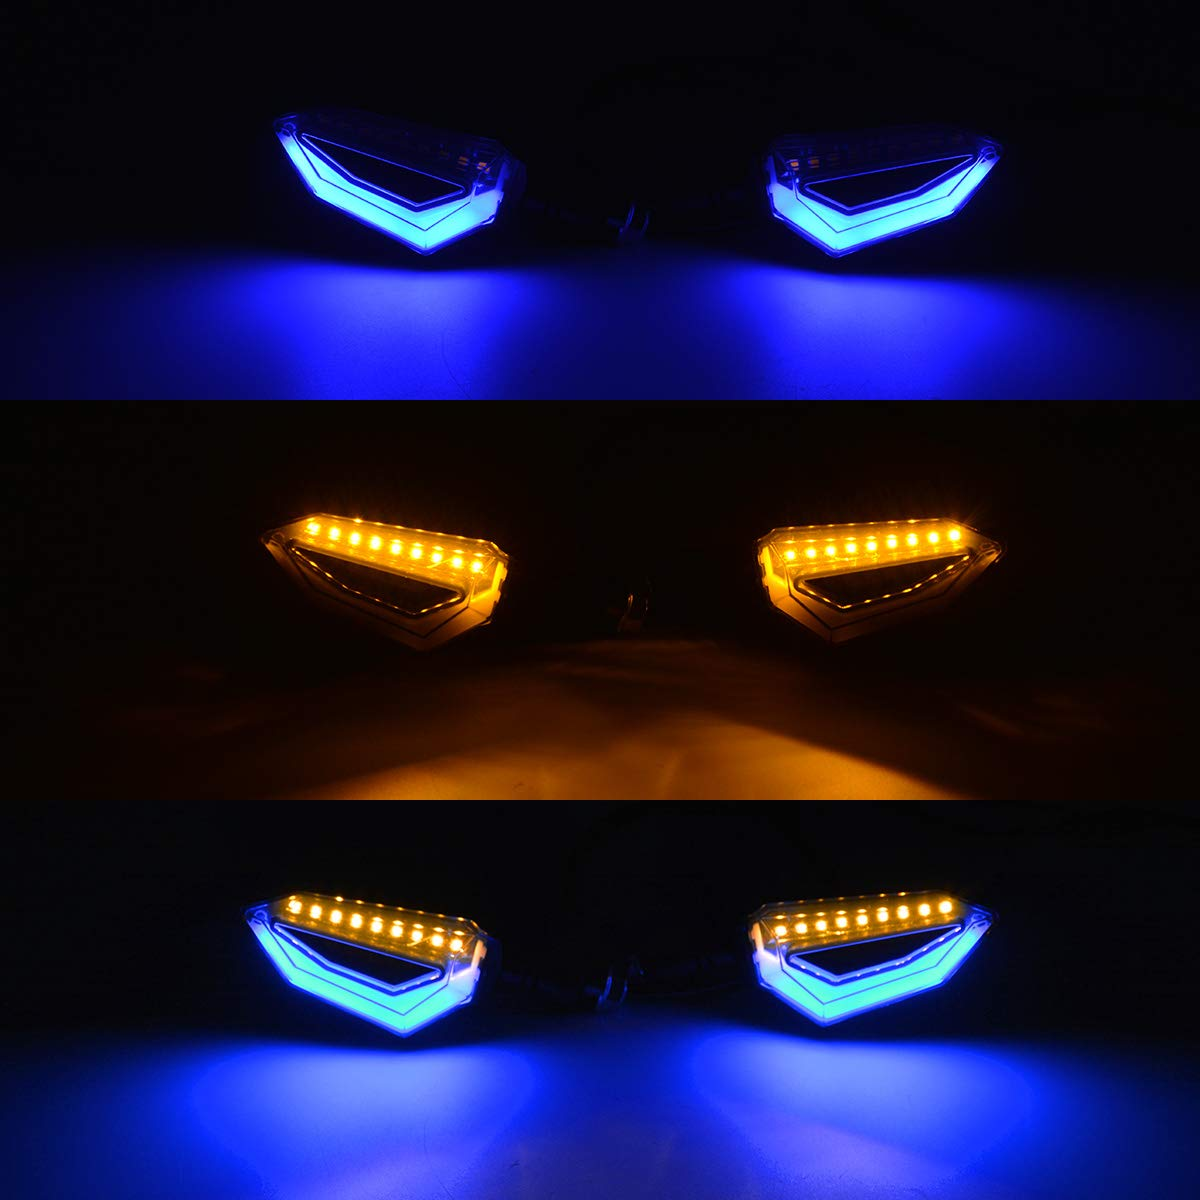 NATGIC Motocicleta Se/ñales de Giro Moto Universal L/ámpara LED Luz Trasera Luz Intermitente Indicadores L/ámparas /Ámbar Amarillo Luz de giro Luz Intermitente y Azul Luces Diurnas paquete de 4